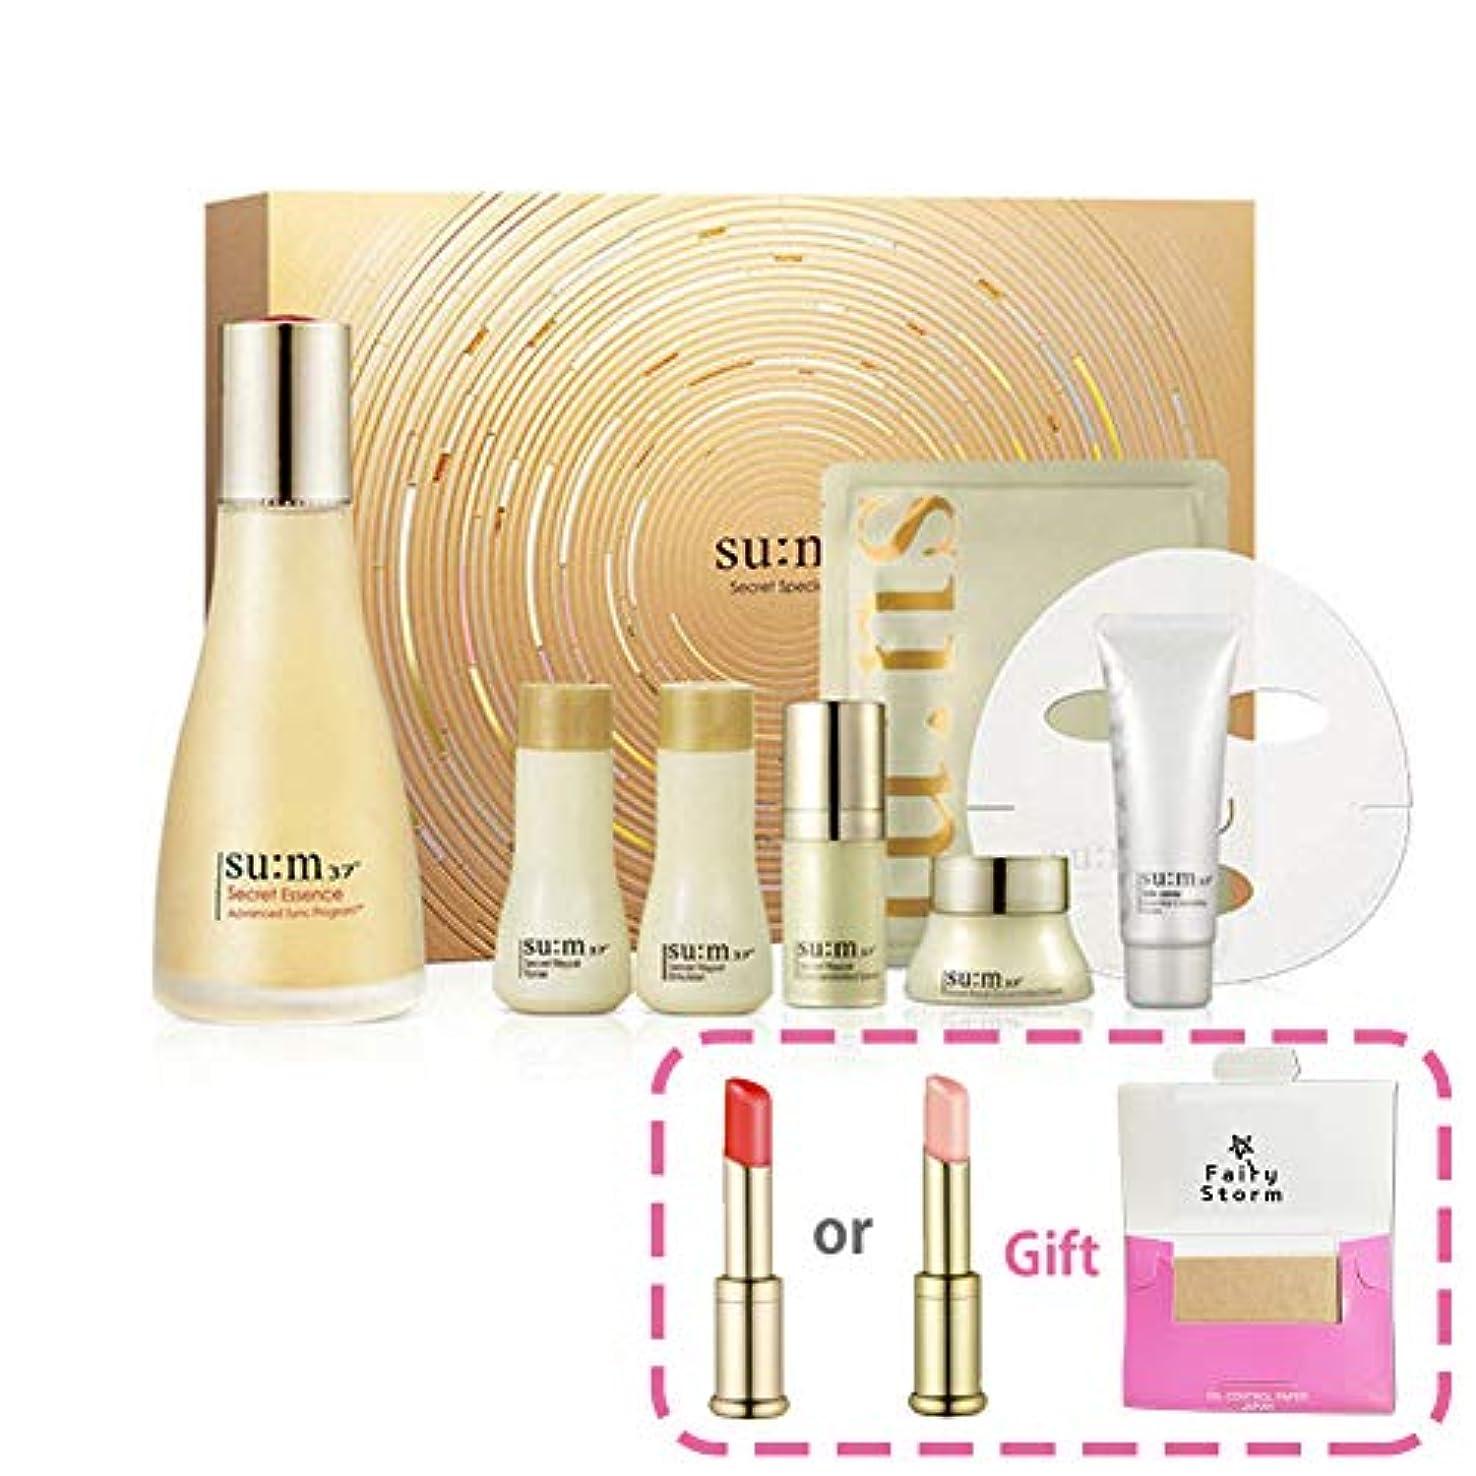 苗シエスタ誇張する[su:m37/スム37°] SUM37 Secret Essence SPECIAL 150ml Limited Edition/シークレットエッセンススペシャルリミテッドエディション+[Sample Gift](海外直送品)